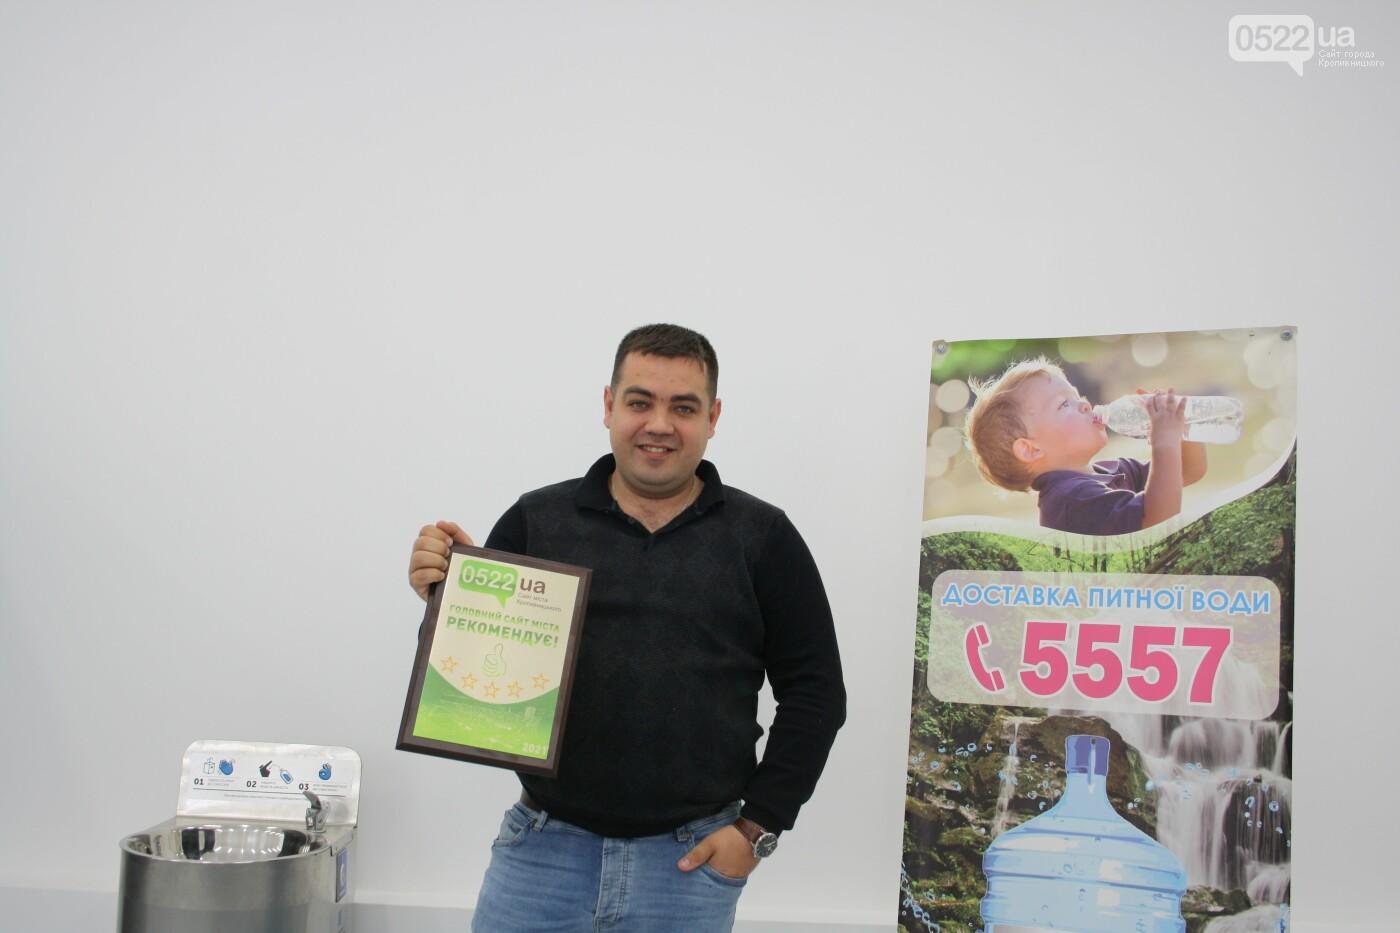 """0522 Рекомендує кожному сервіс доставки води """"Здорова вода"""" у Кропивницькому, фото-2"""